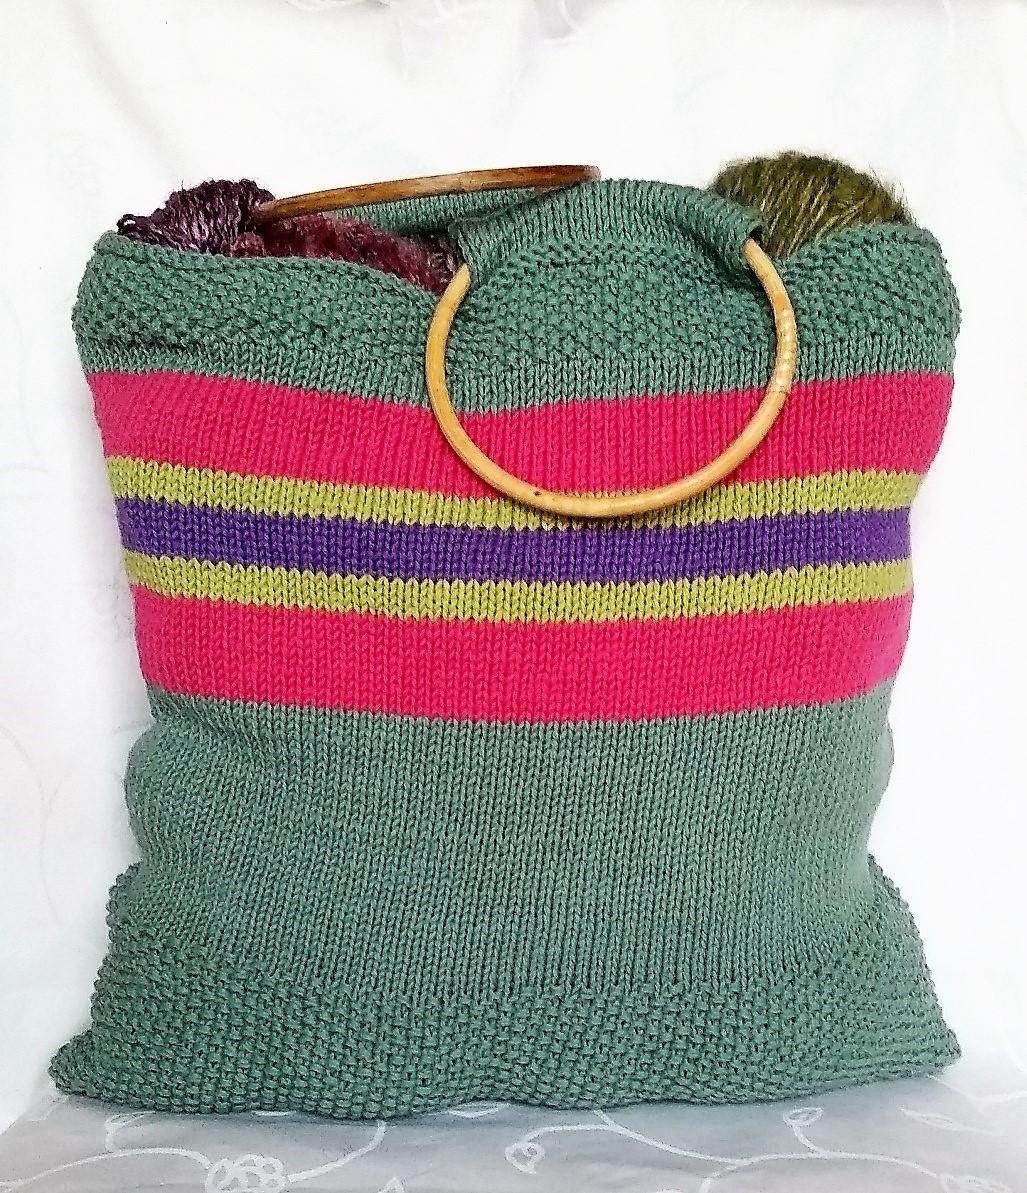 Strikketøjstaske billed af færdig strikket strikketøjstaske